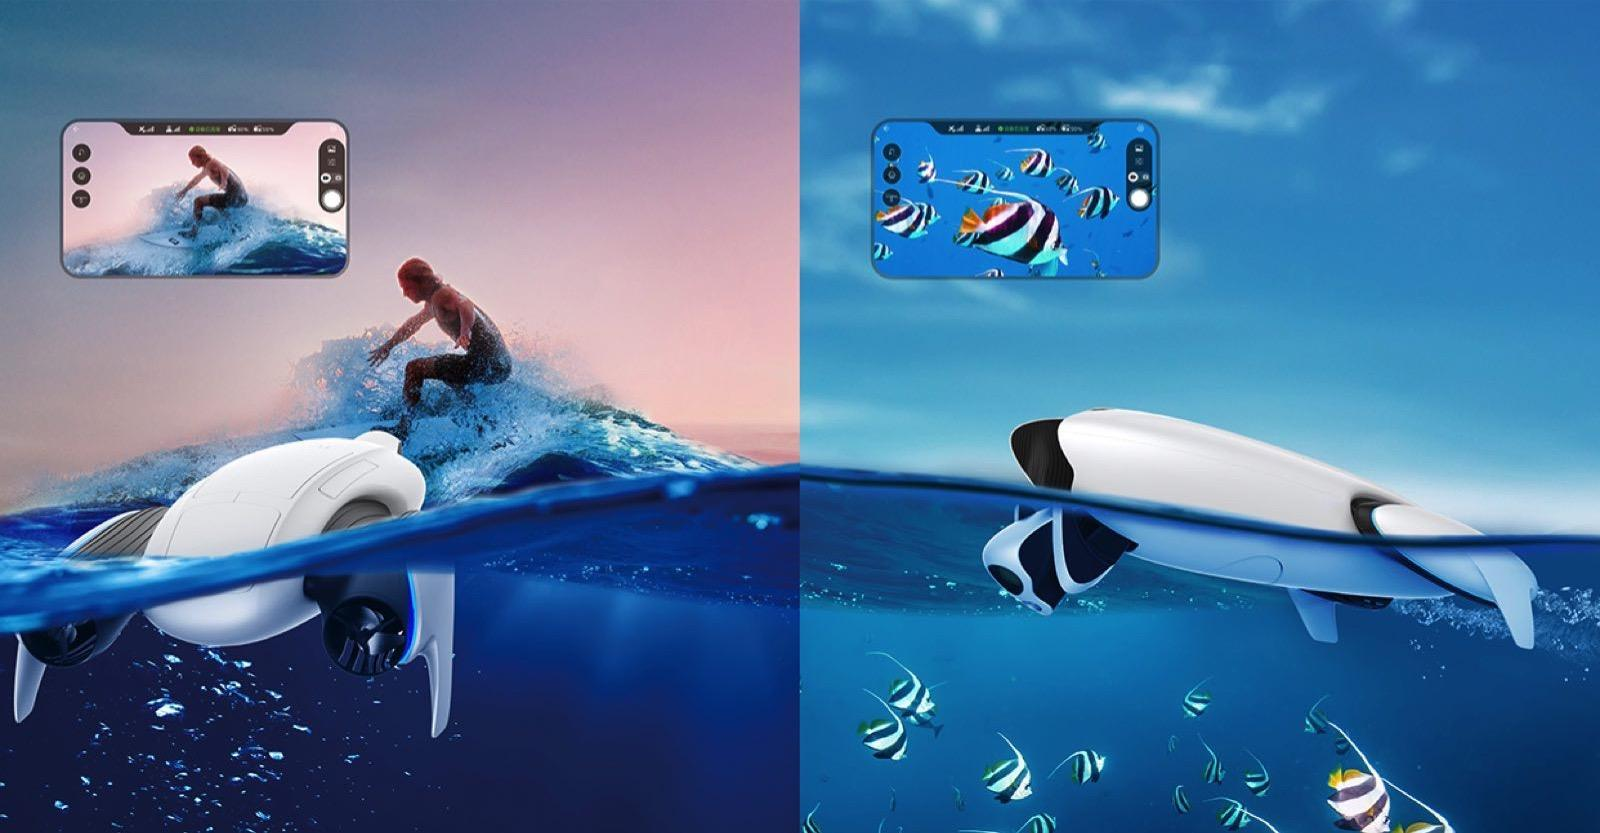 (展位号:n3302)powerdolphin小海豚水下机器人科大讯飞阿尔法蛋系列石祖鱼又叫什么图片